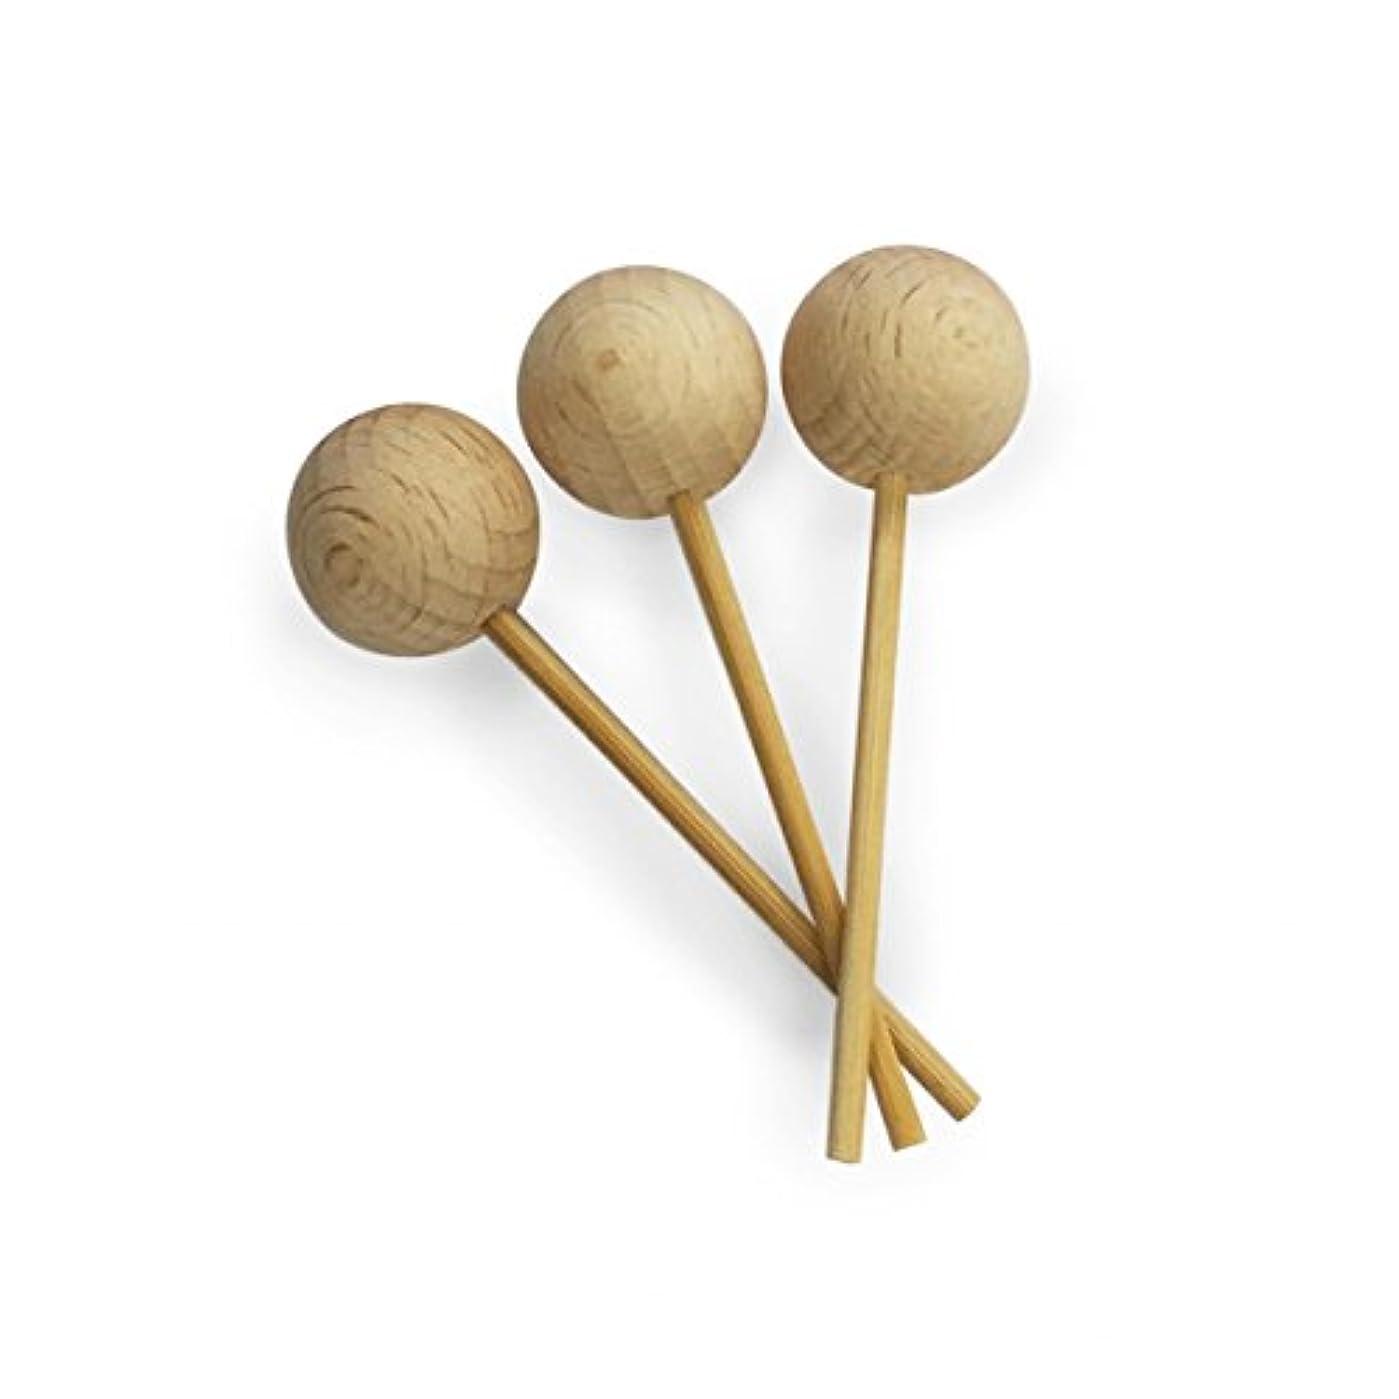 連鎖無能忠実にカリス成城 アロマ芳香器 木のお家 交換用木製スティック3本入